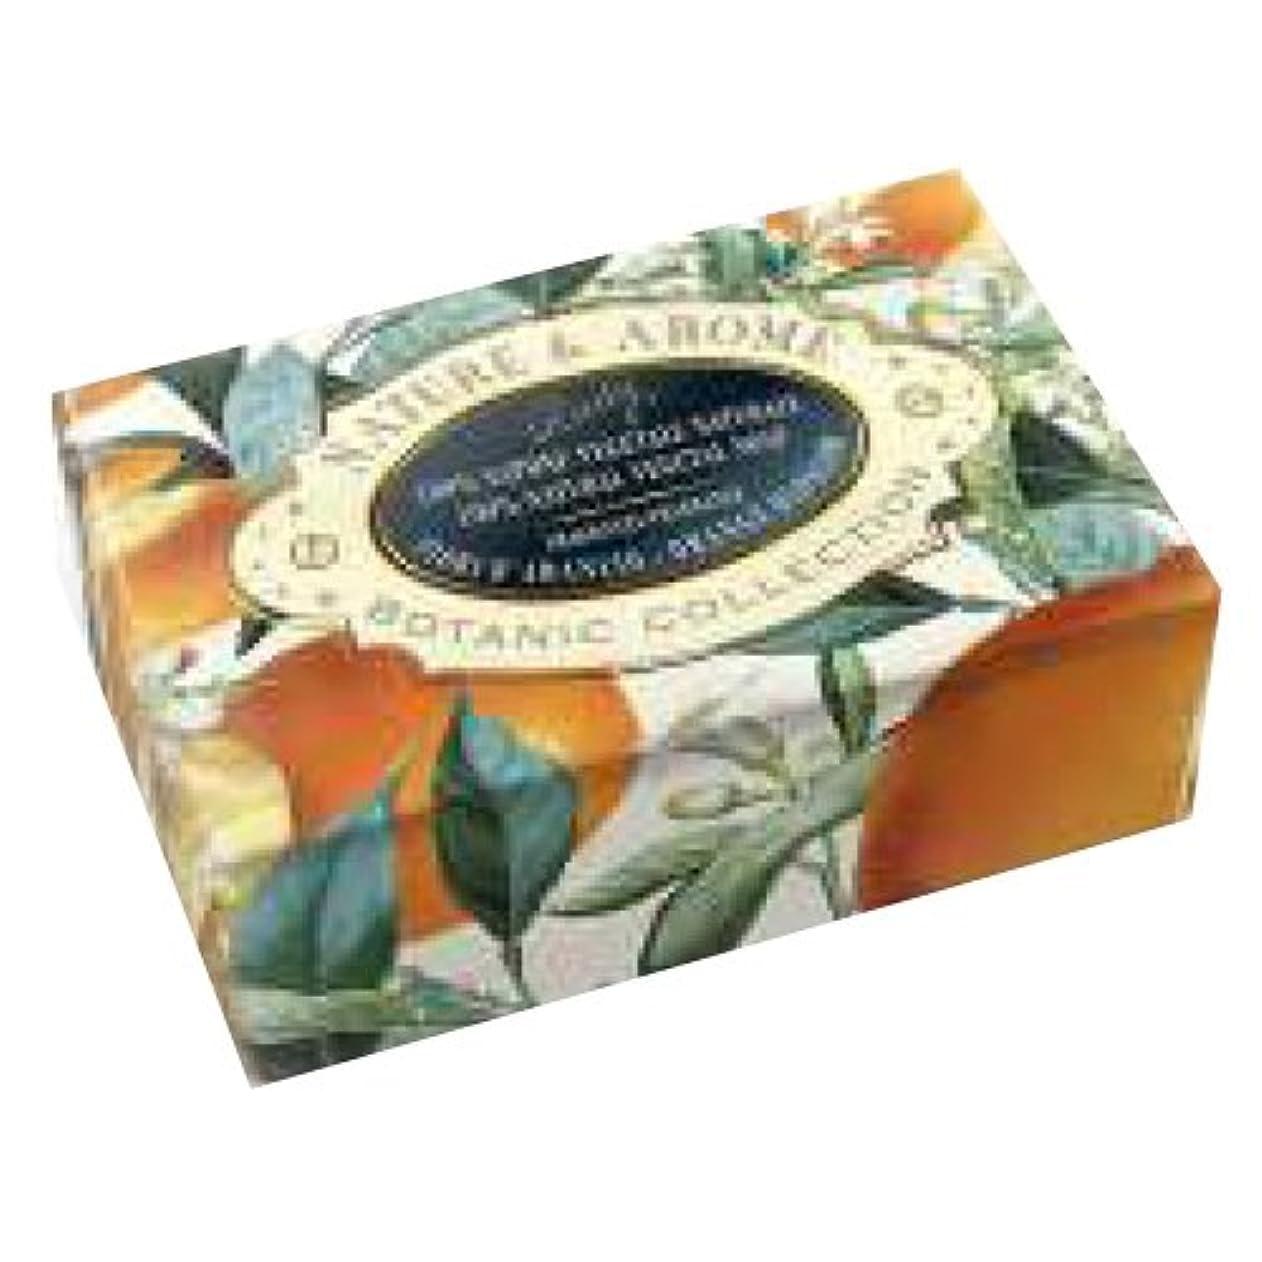 戻す制限太いRUDY Nature&Arome SERIES ルディ ナチュール&アロマ Soap ソープ オレンジブロッサム